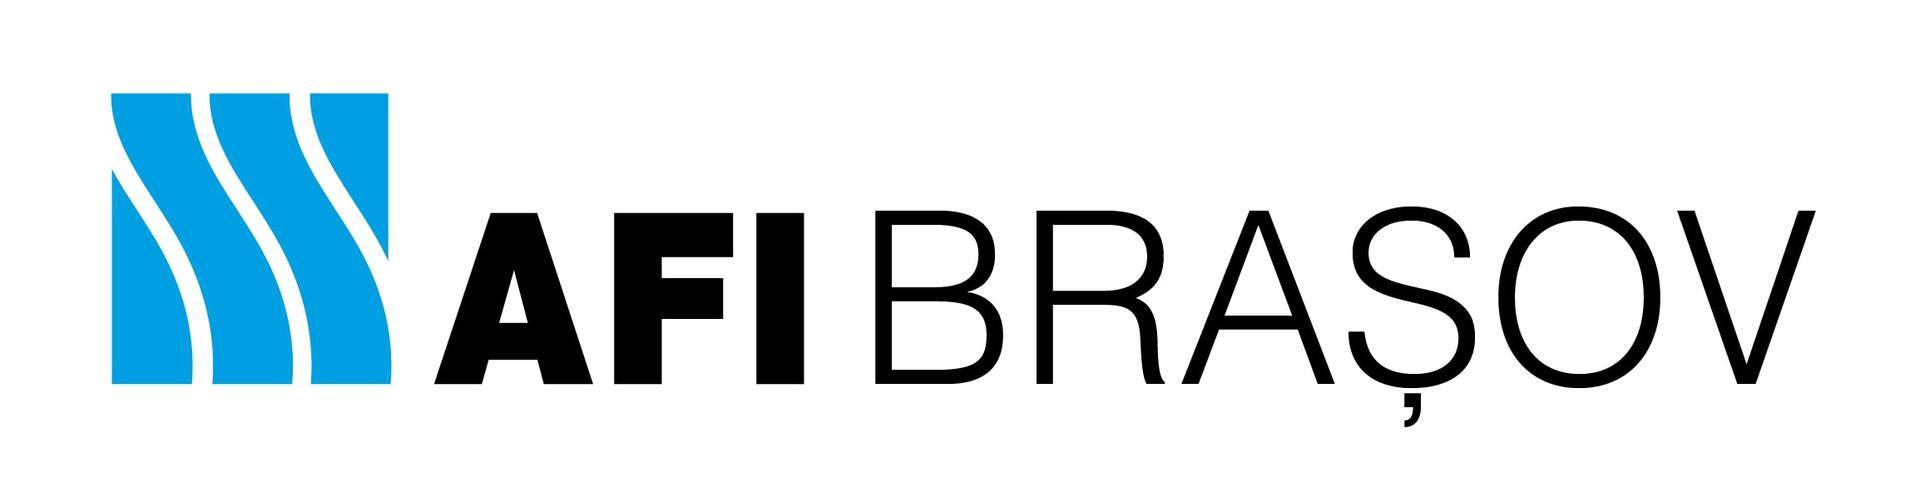 AFI BRASOV